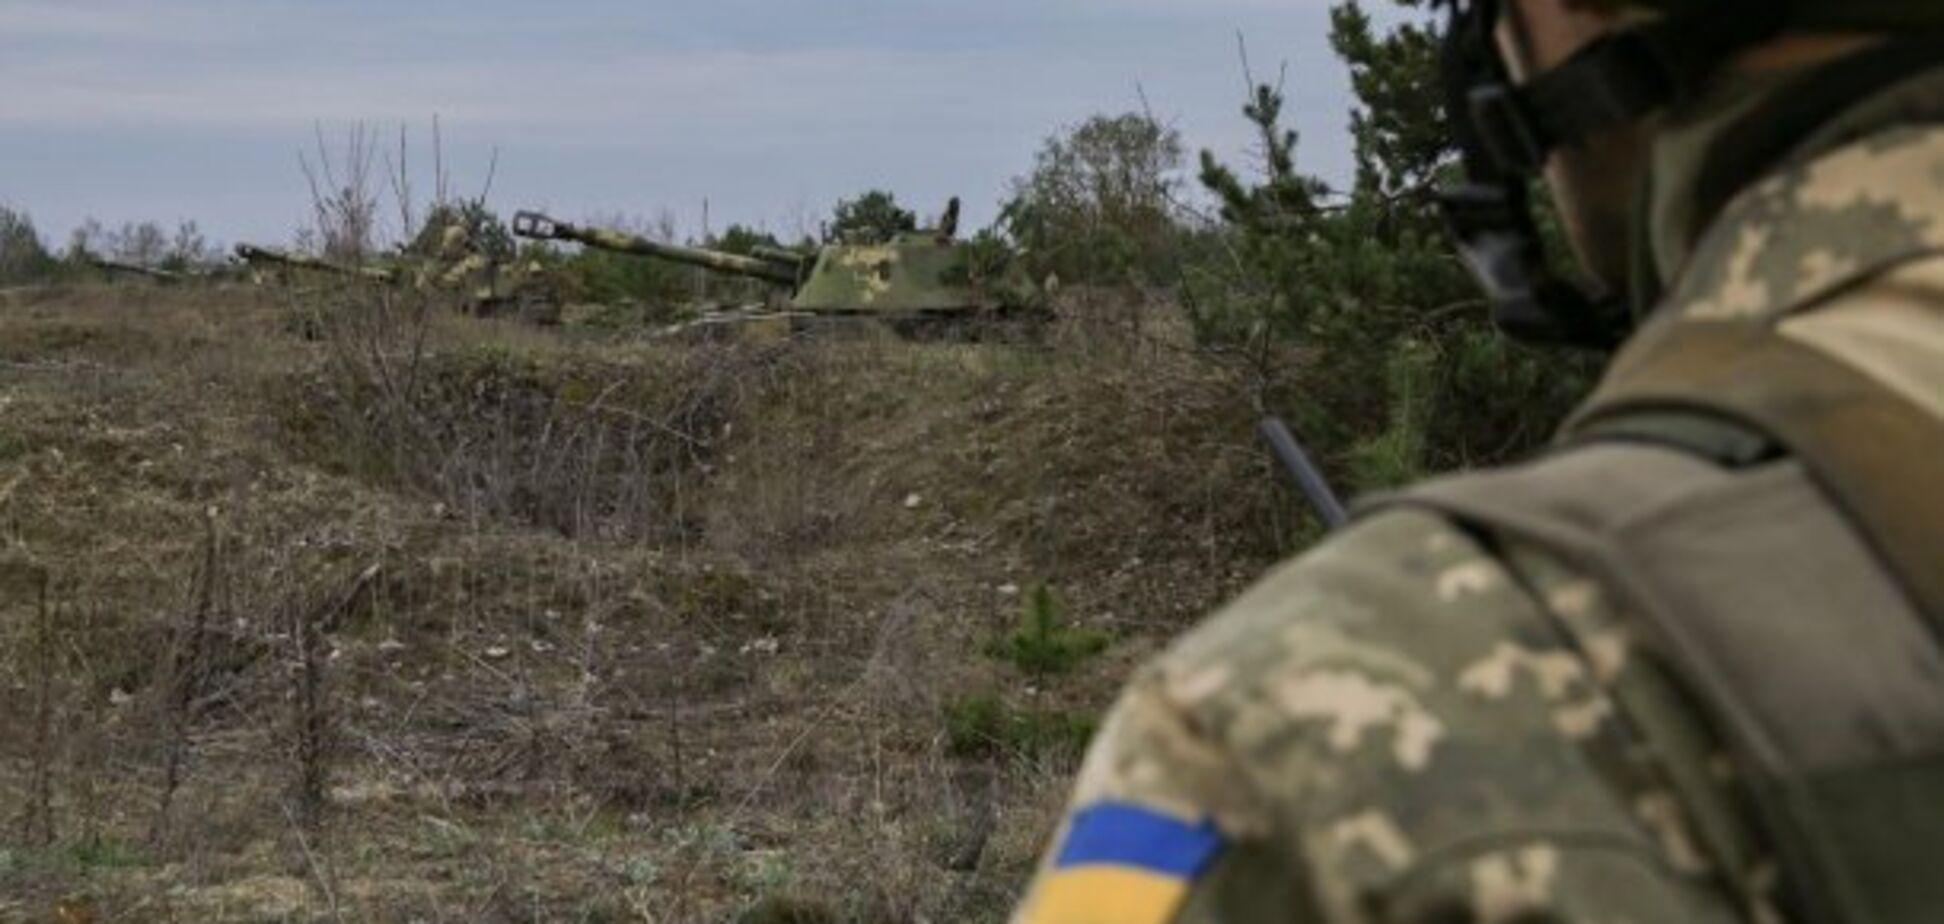 Підло напали: у штабі ОС повідомили сумні новини з Донбасу